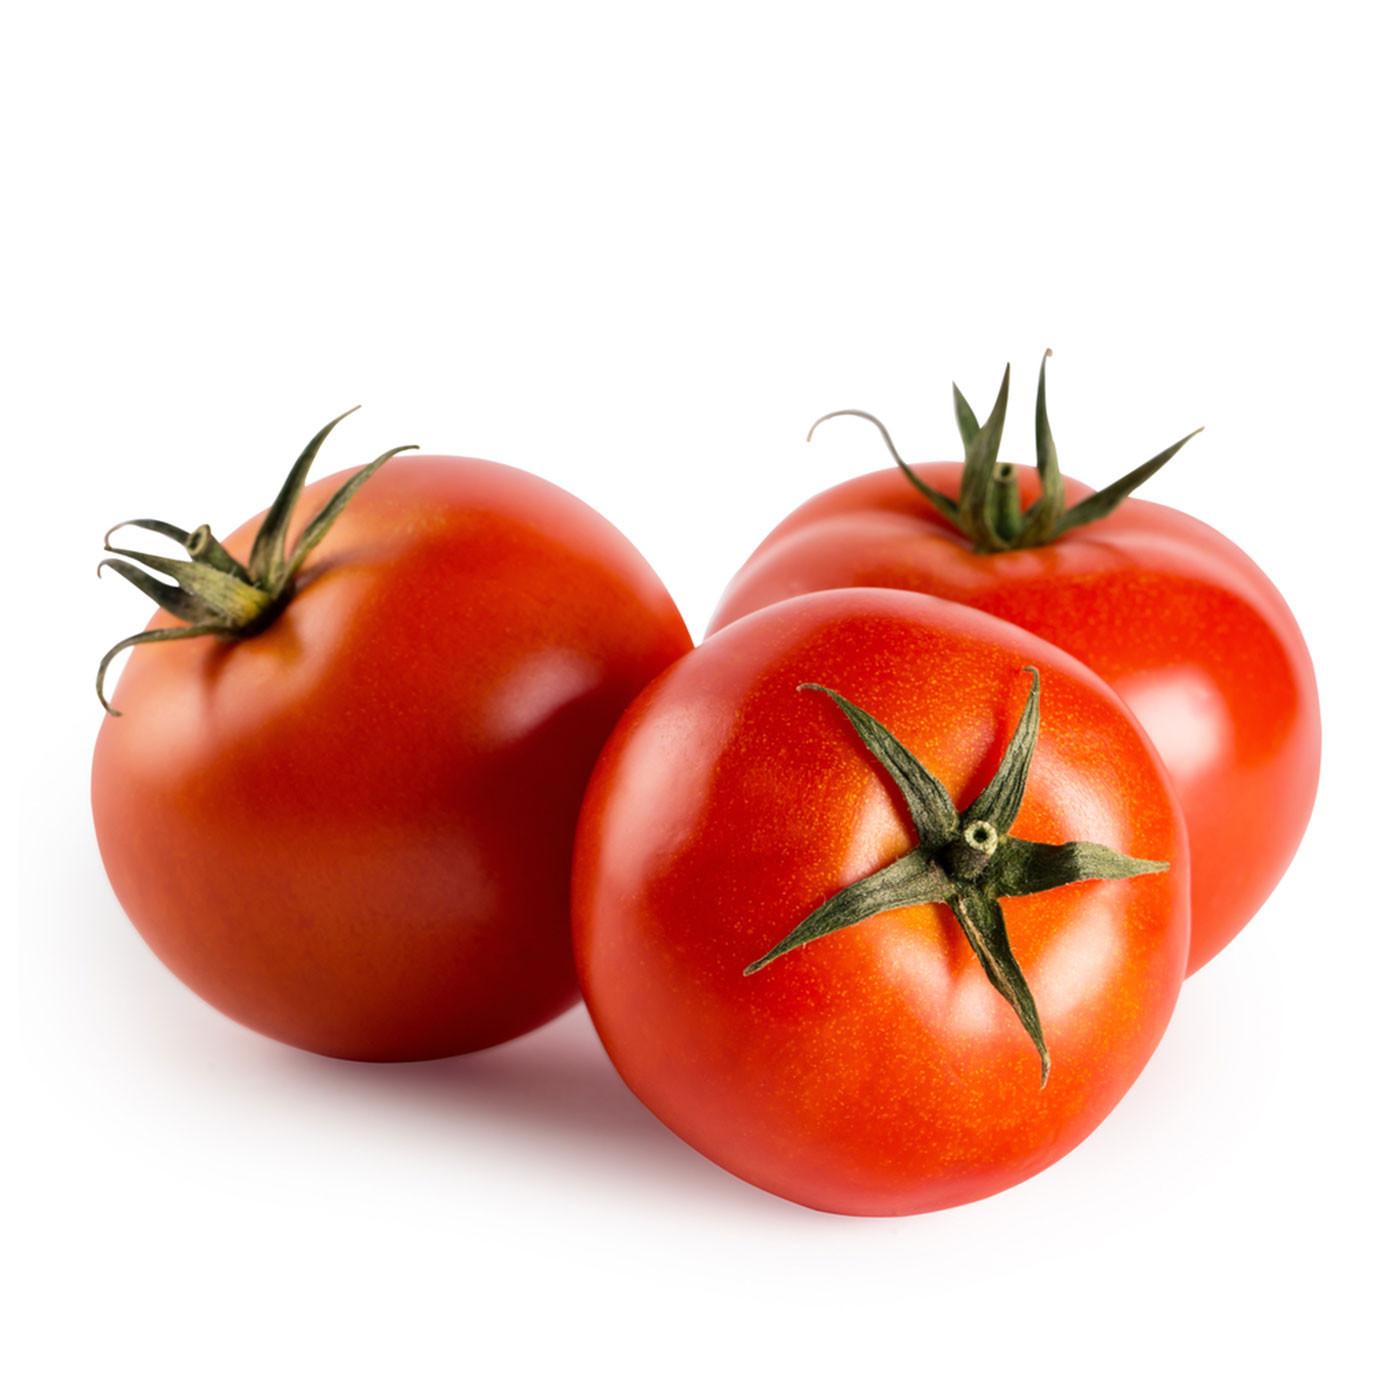 Ντομάτες Φαγητού ( για μαγείρεμα) Βελίνα Κορινθίας